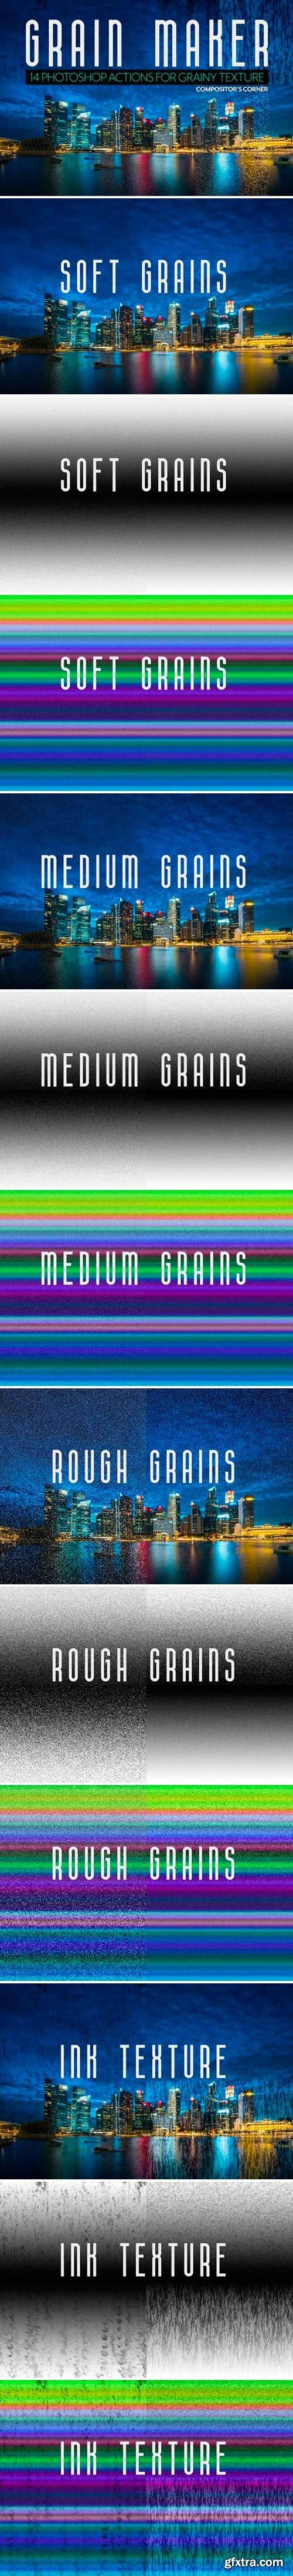 CM - 14 Photoshop Grain Texture Actions 2520256